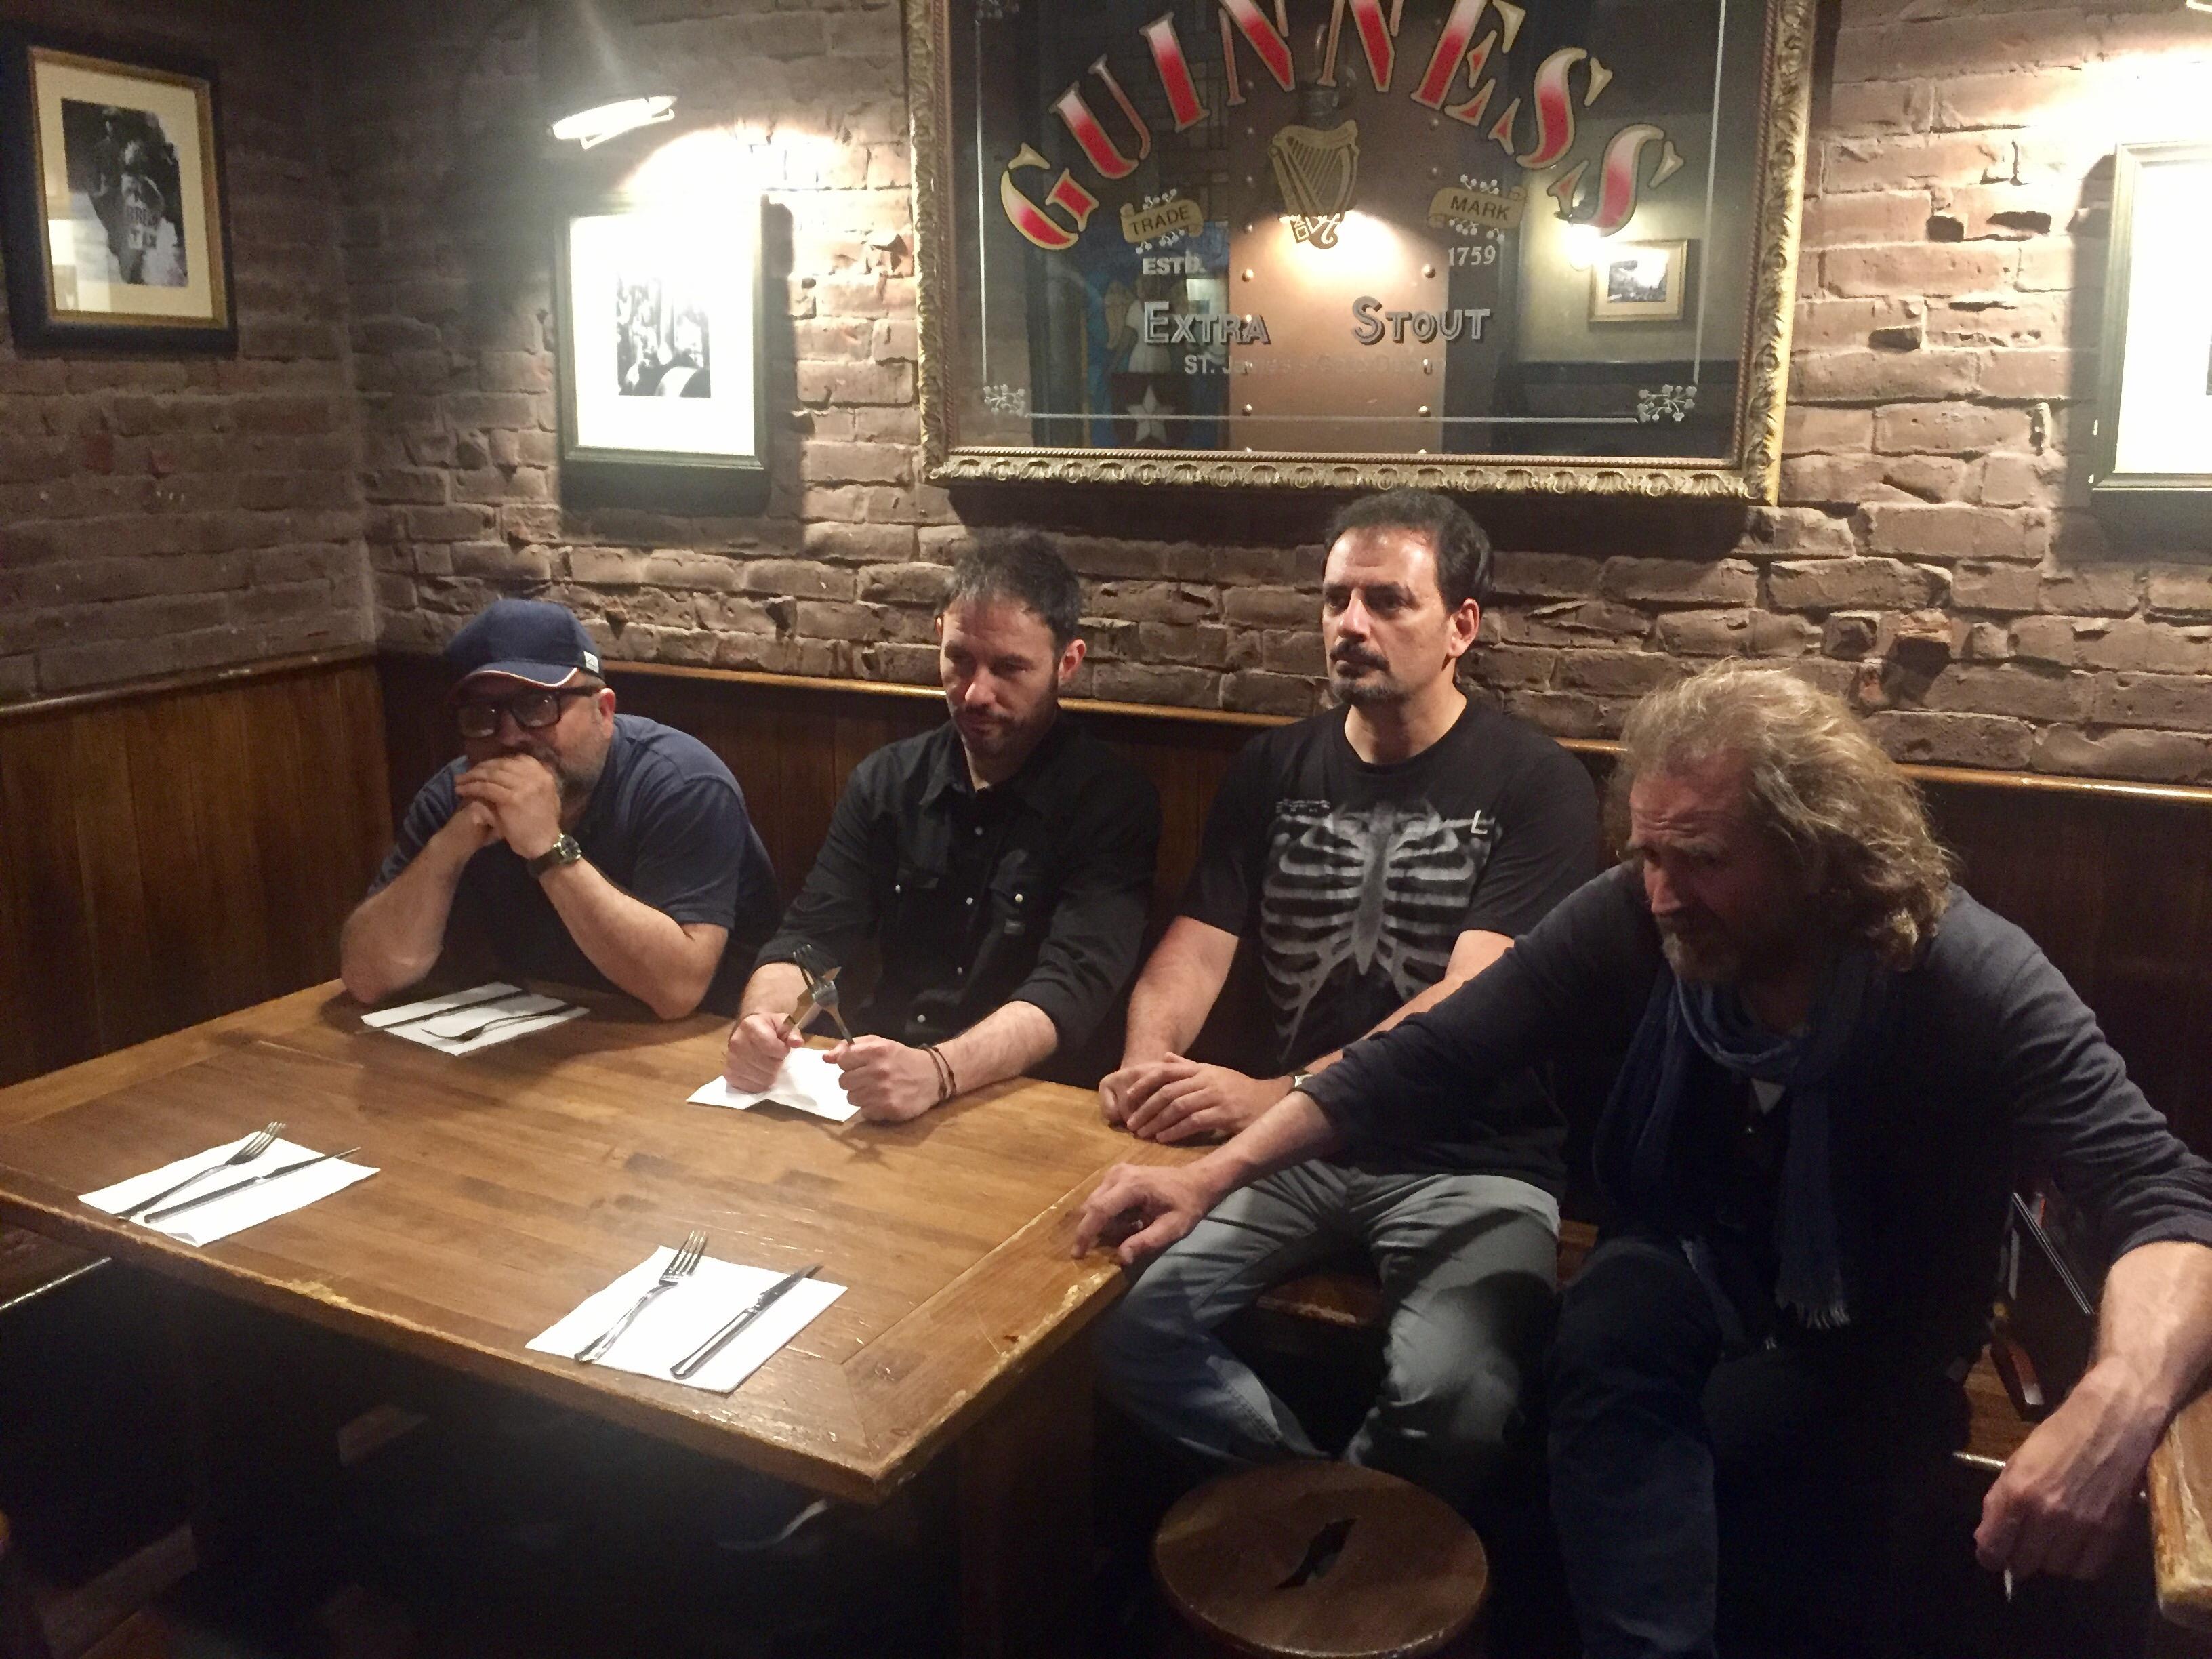 18 meses, lleno tras lleno de los Comikazes en Beer Station. En la foto estamos Alfredo Díaz, Iñaki Urrutia, Don Mauro y Juan Solo en Beer Station - Juan Solo